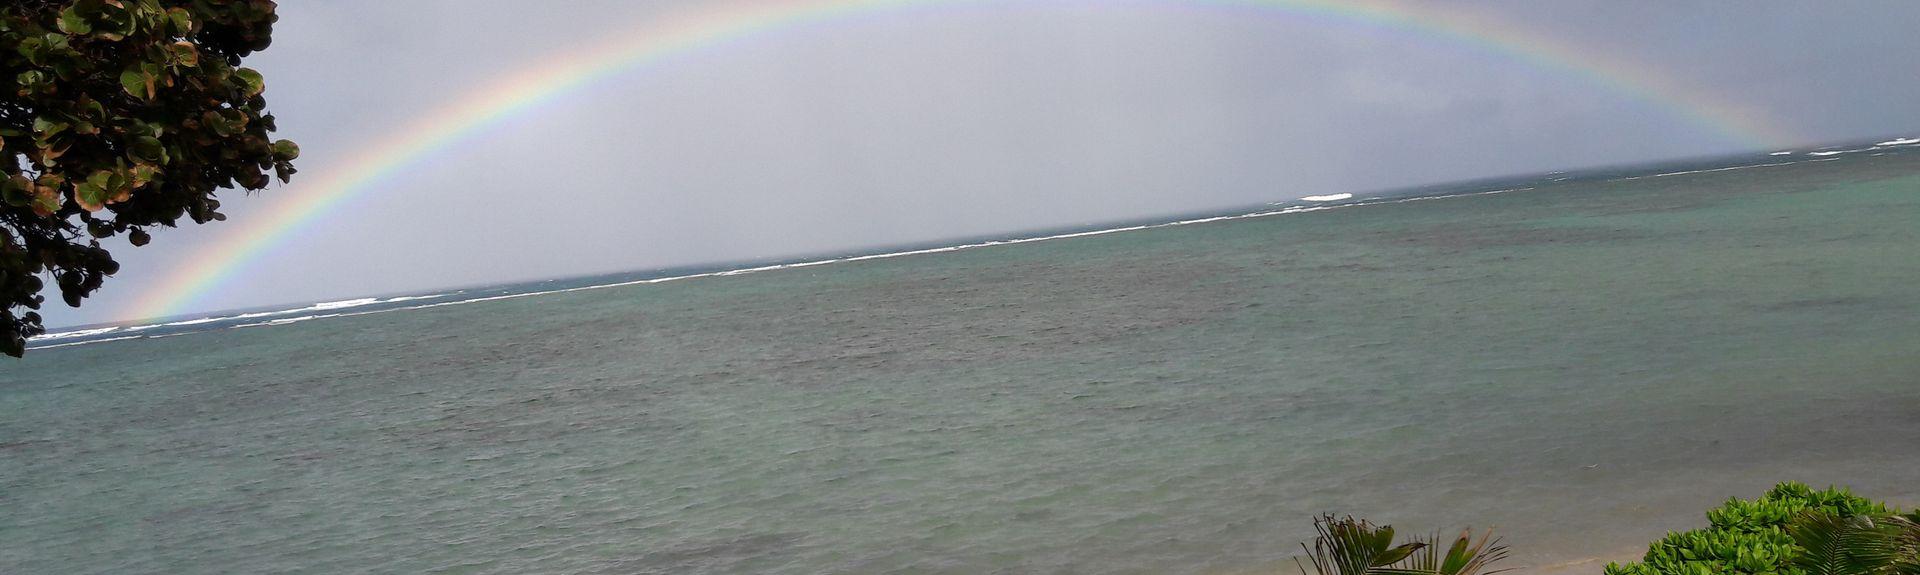 Banzai Pipeline, Haleiwa, Hawaï, Verenigde Staten